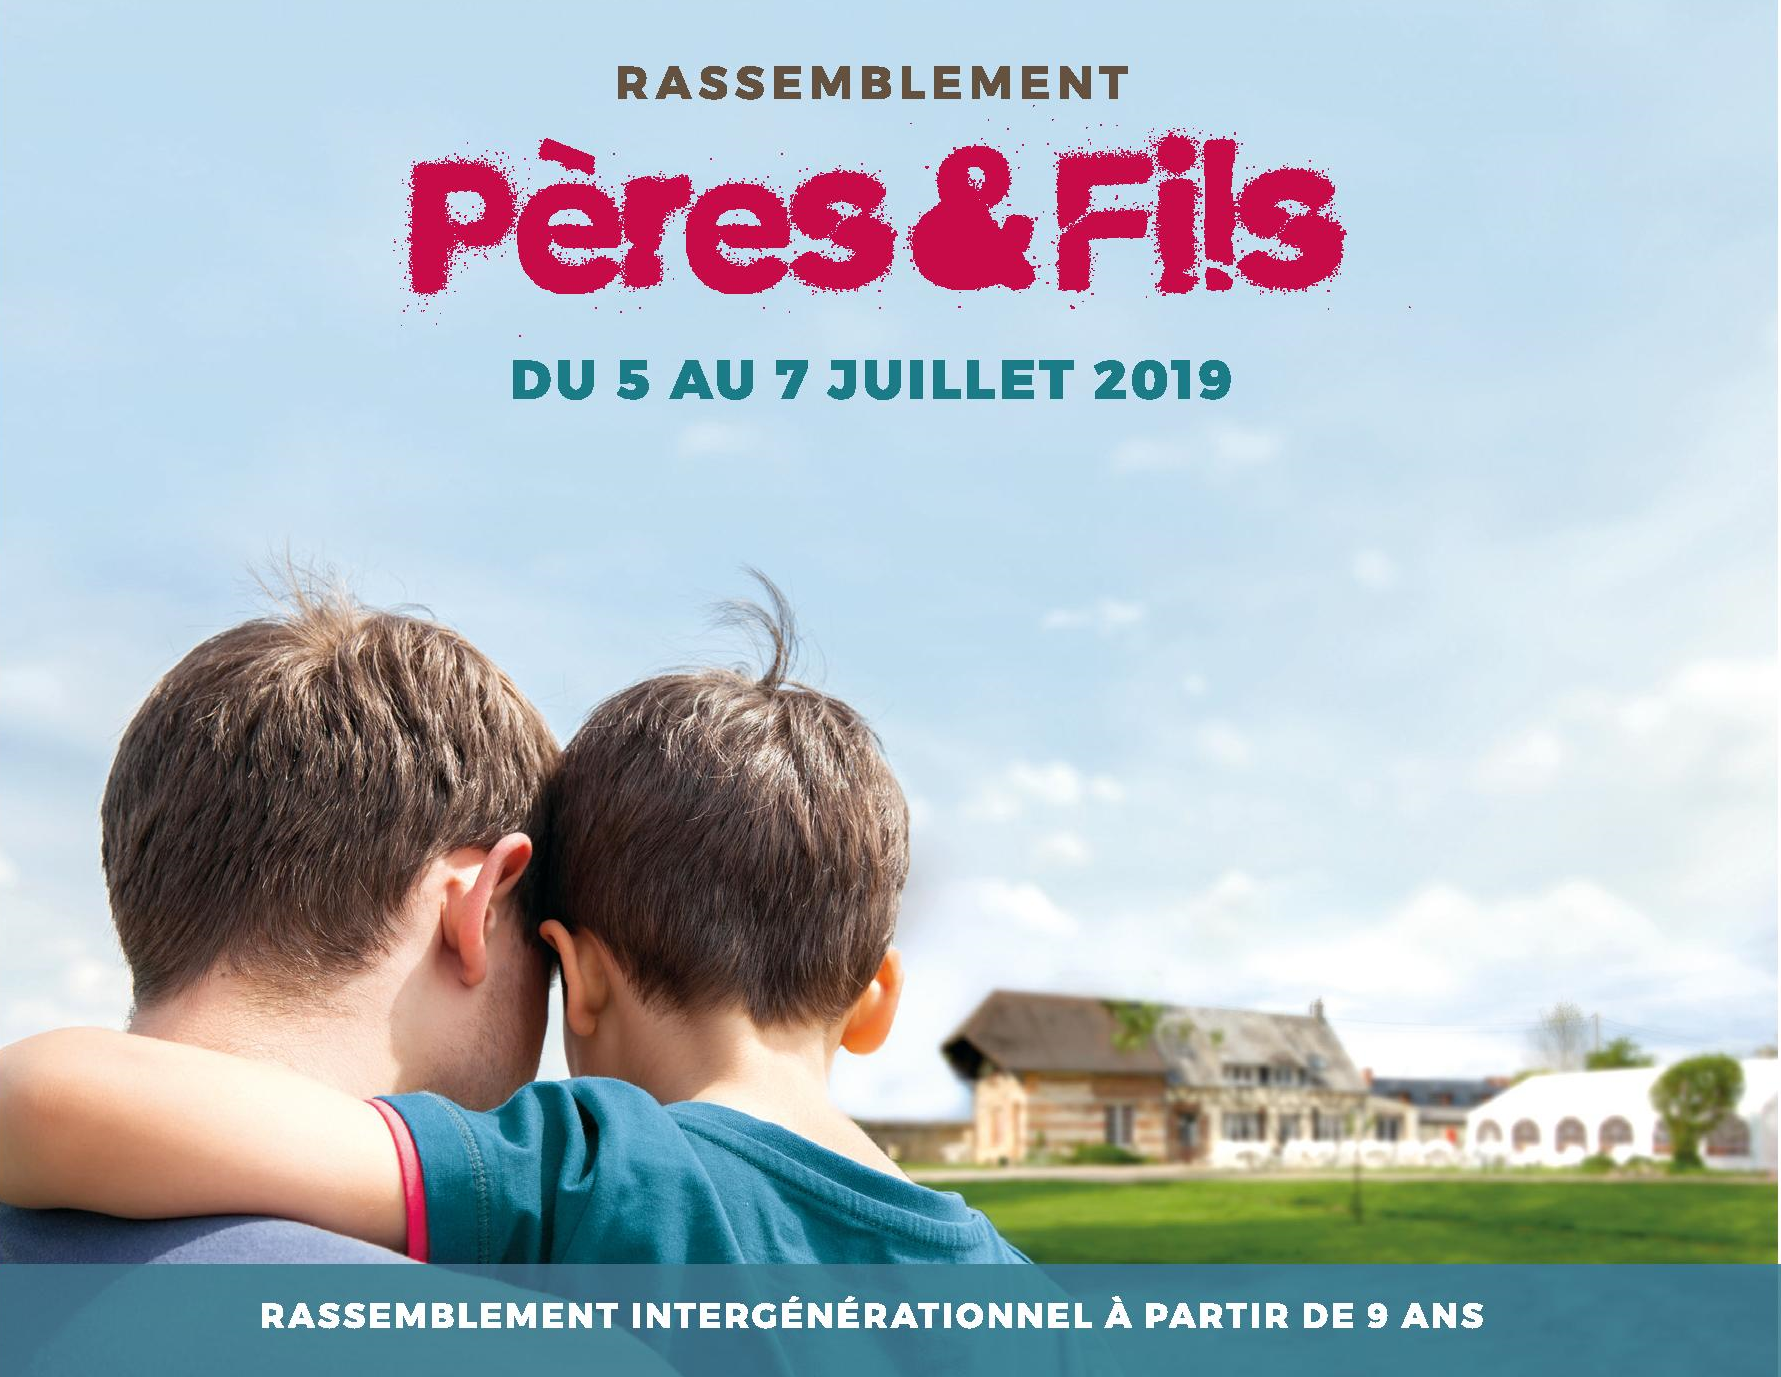 école privée protestante Accueil IP WE Pere et fils 16 14